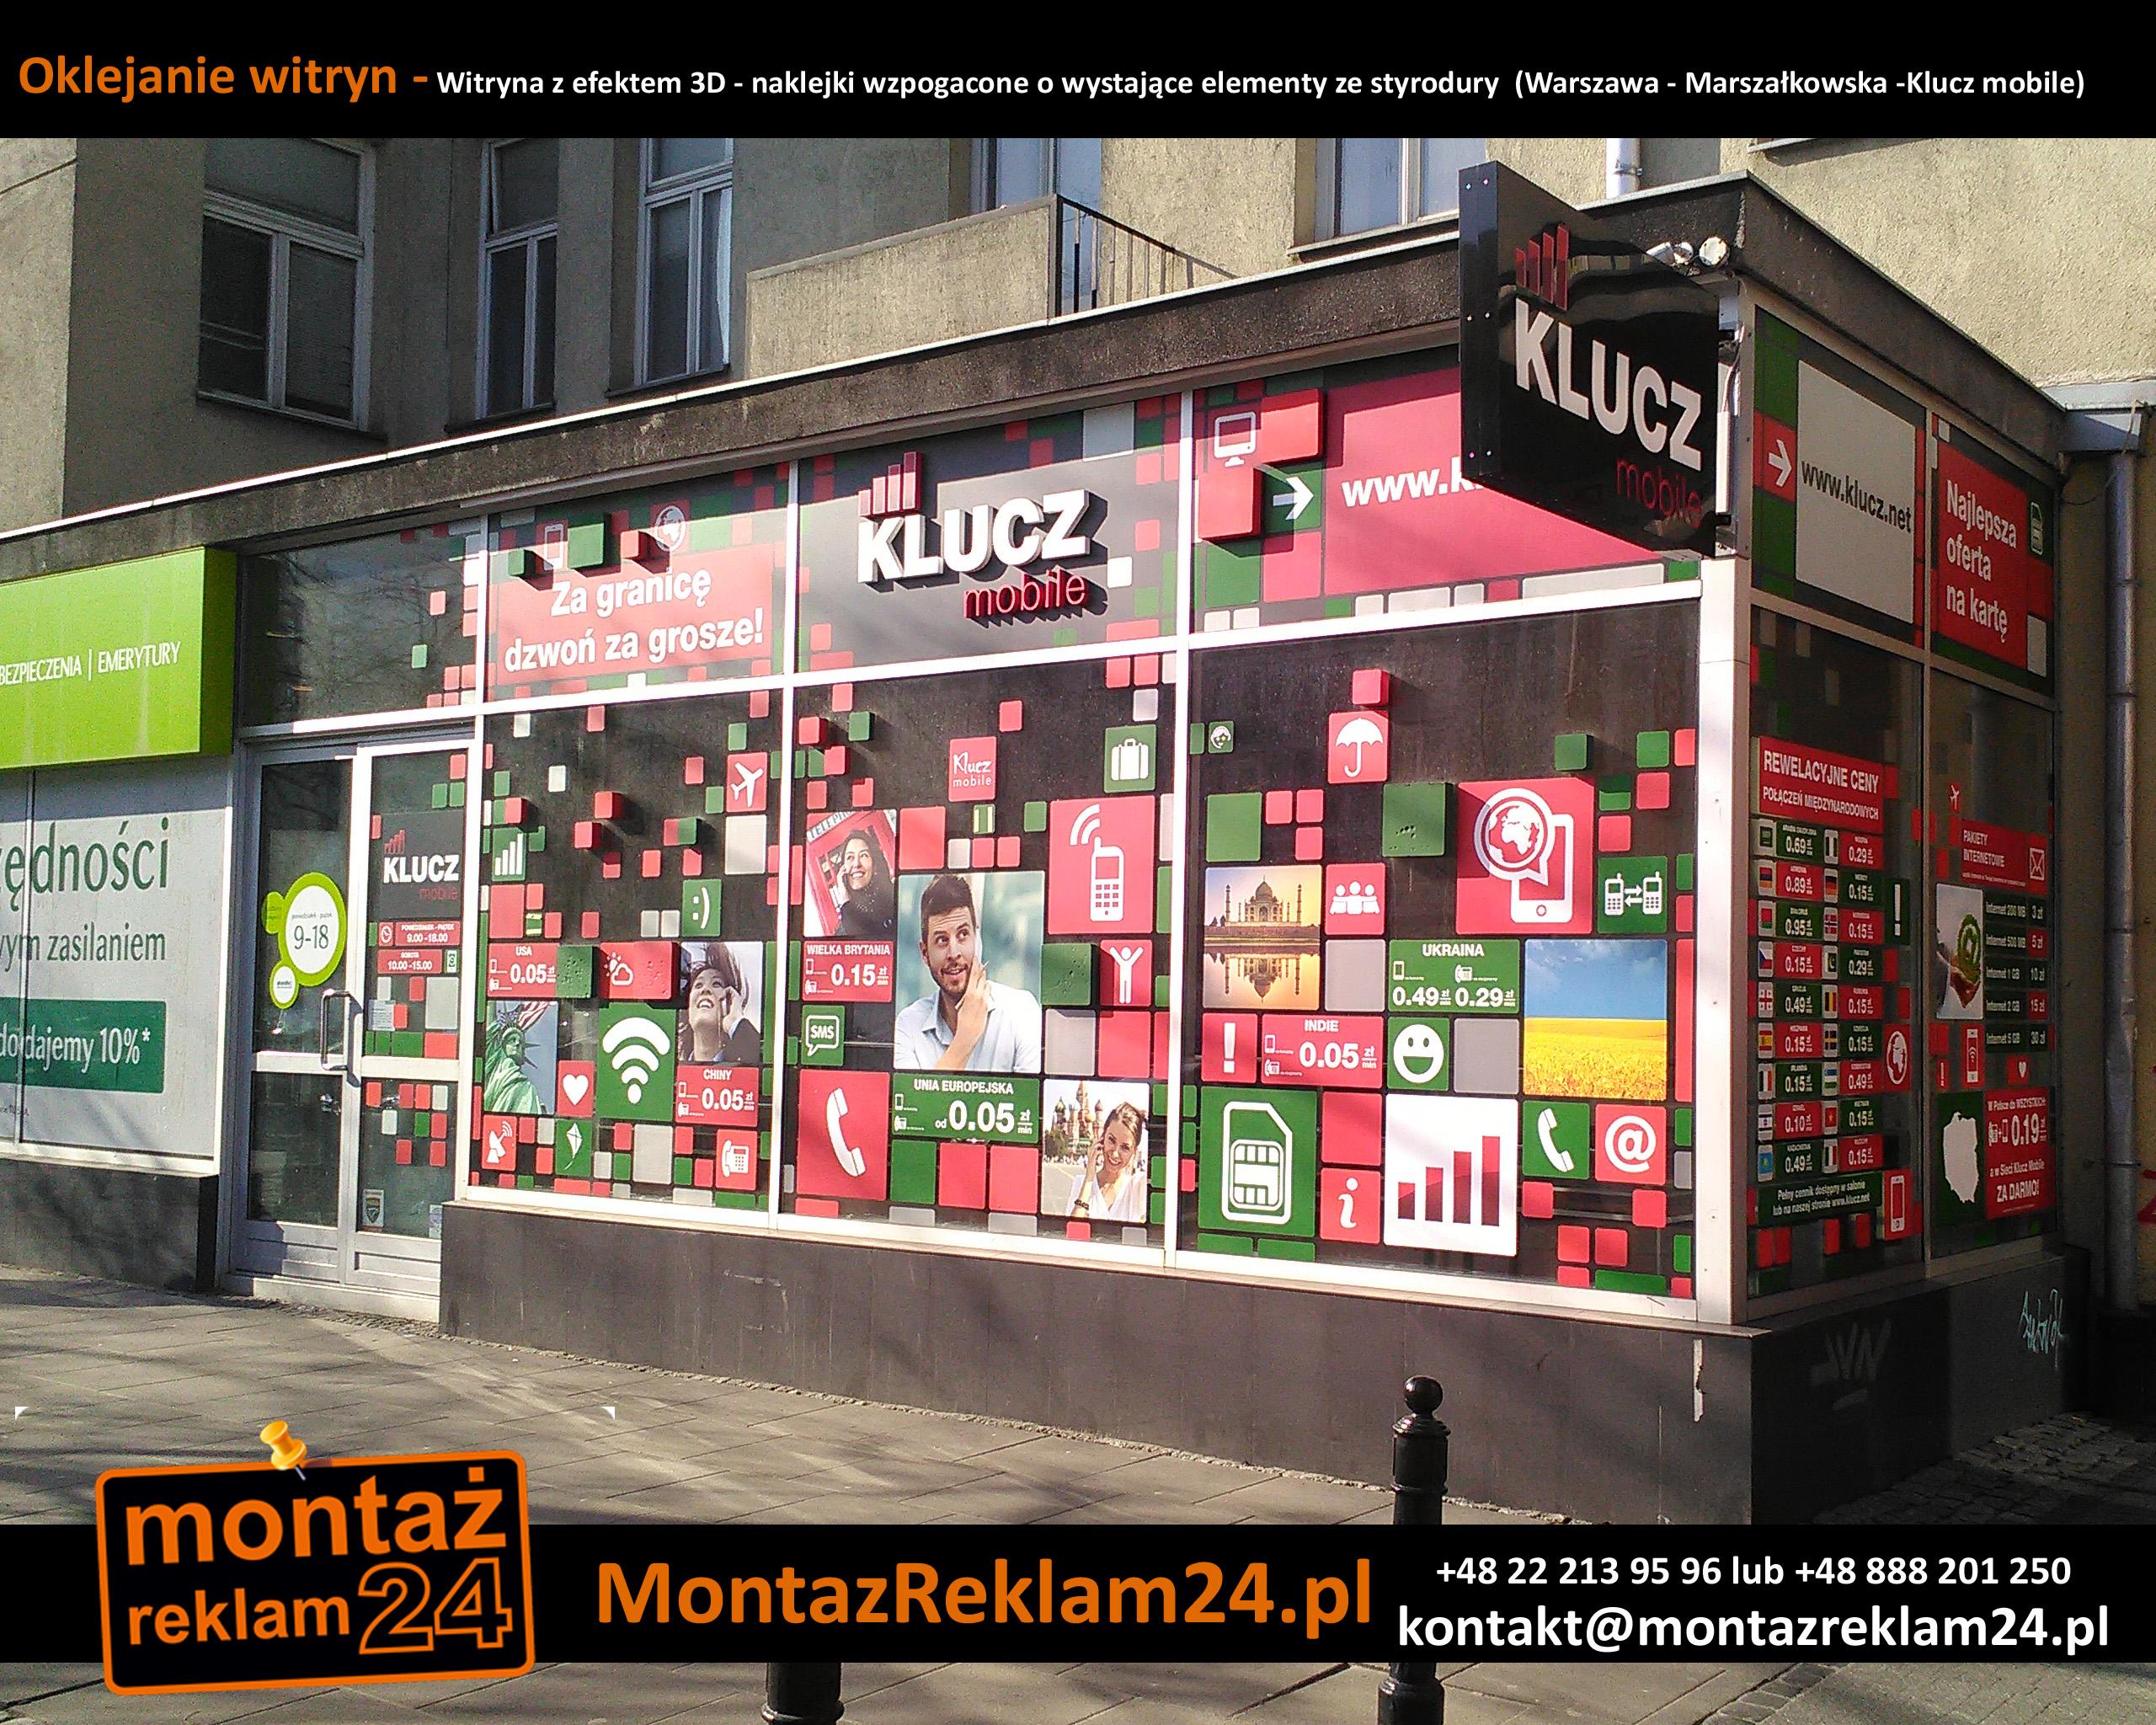 Oklejanie witryn - Witryna z efektem 3D - naklejki wzpogacone o wystające elementy ze styrodury  (Warszawa - Marszałkowska -Klucz mobile).jpg